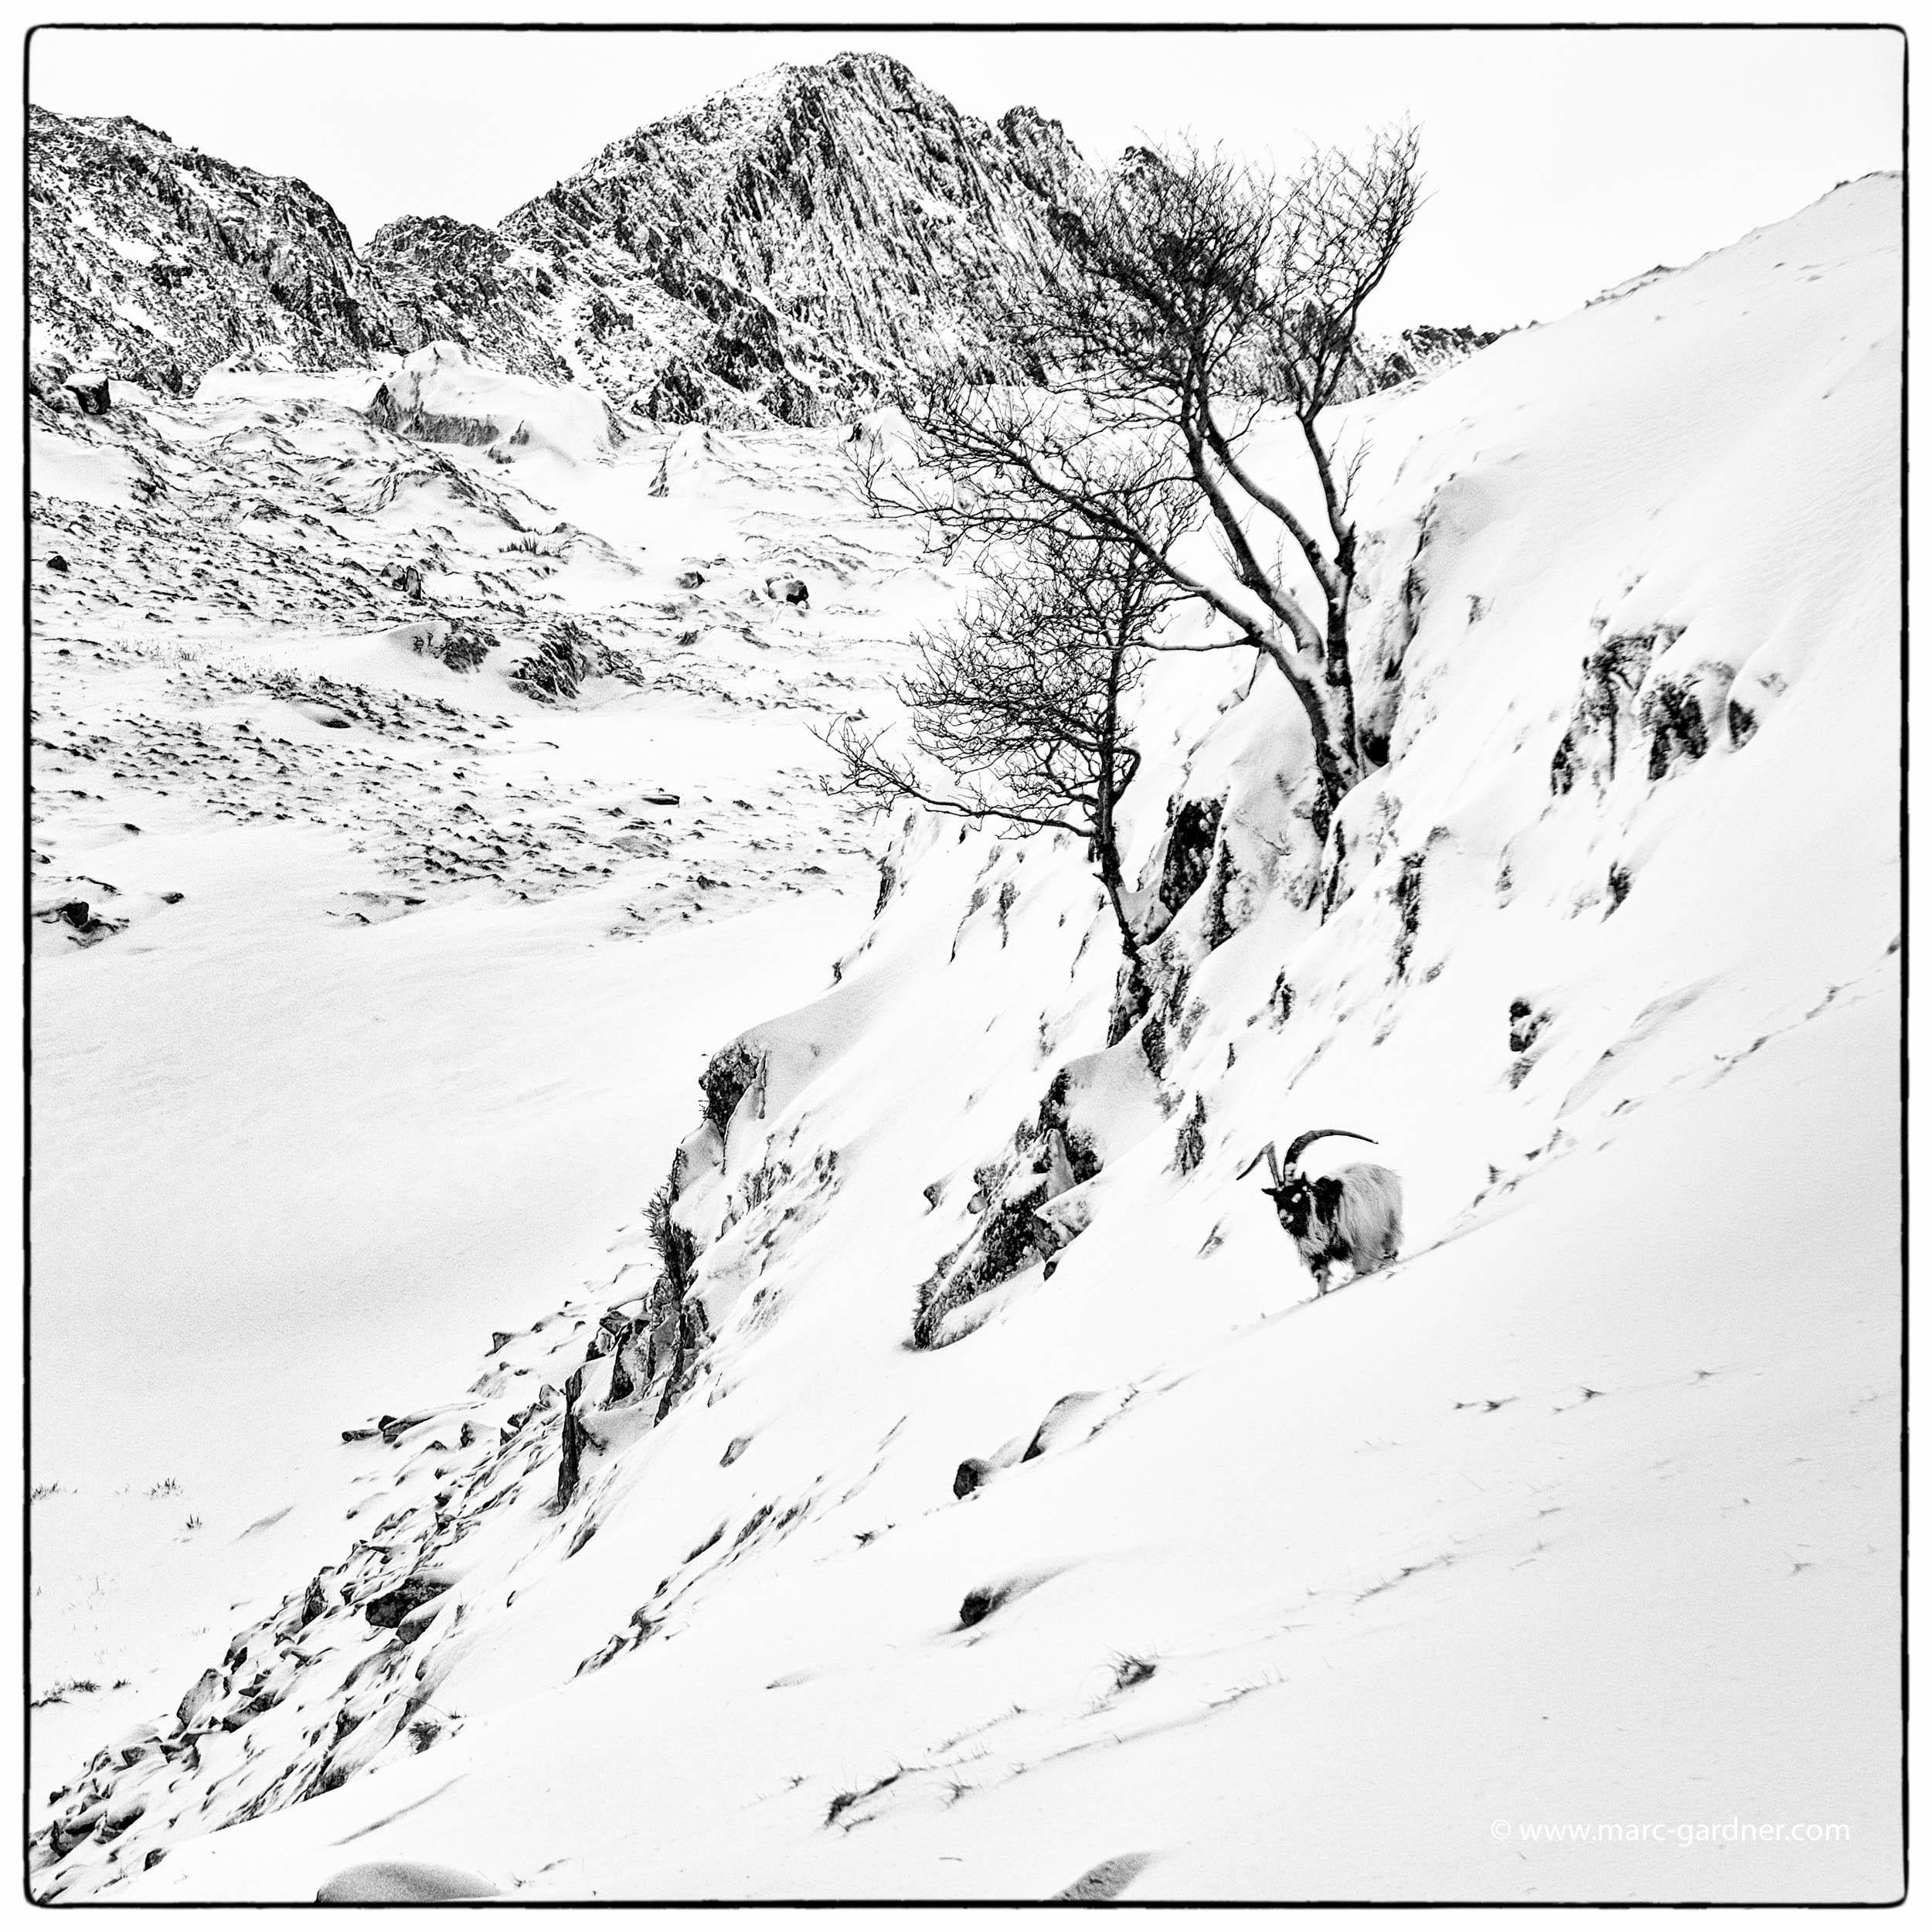 SnowdonSnow-2.jpg